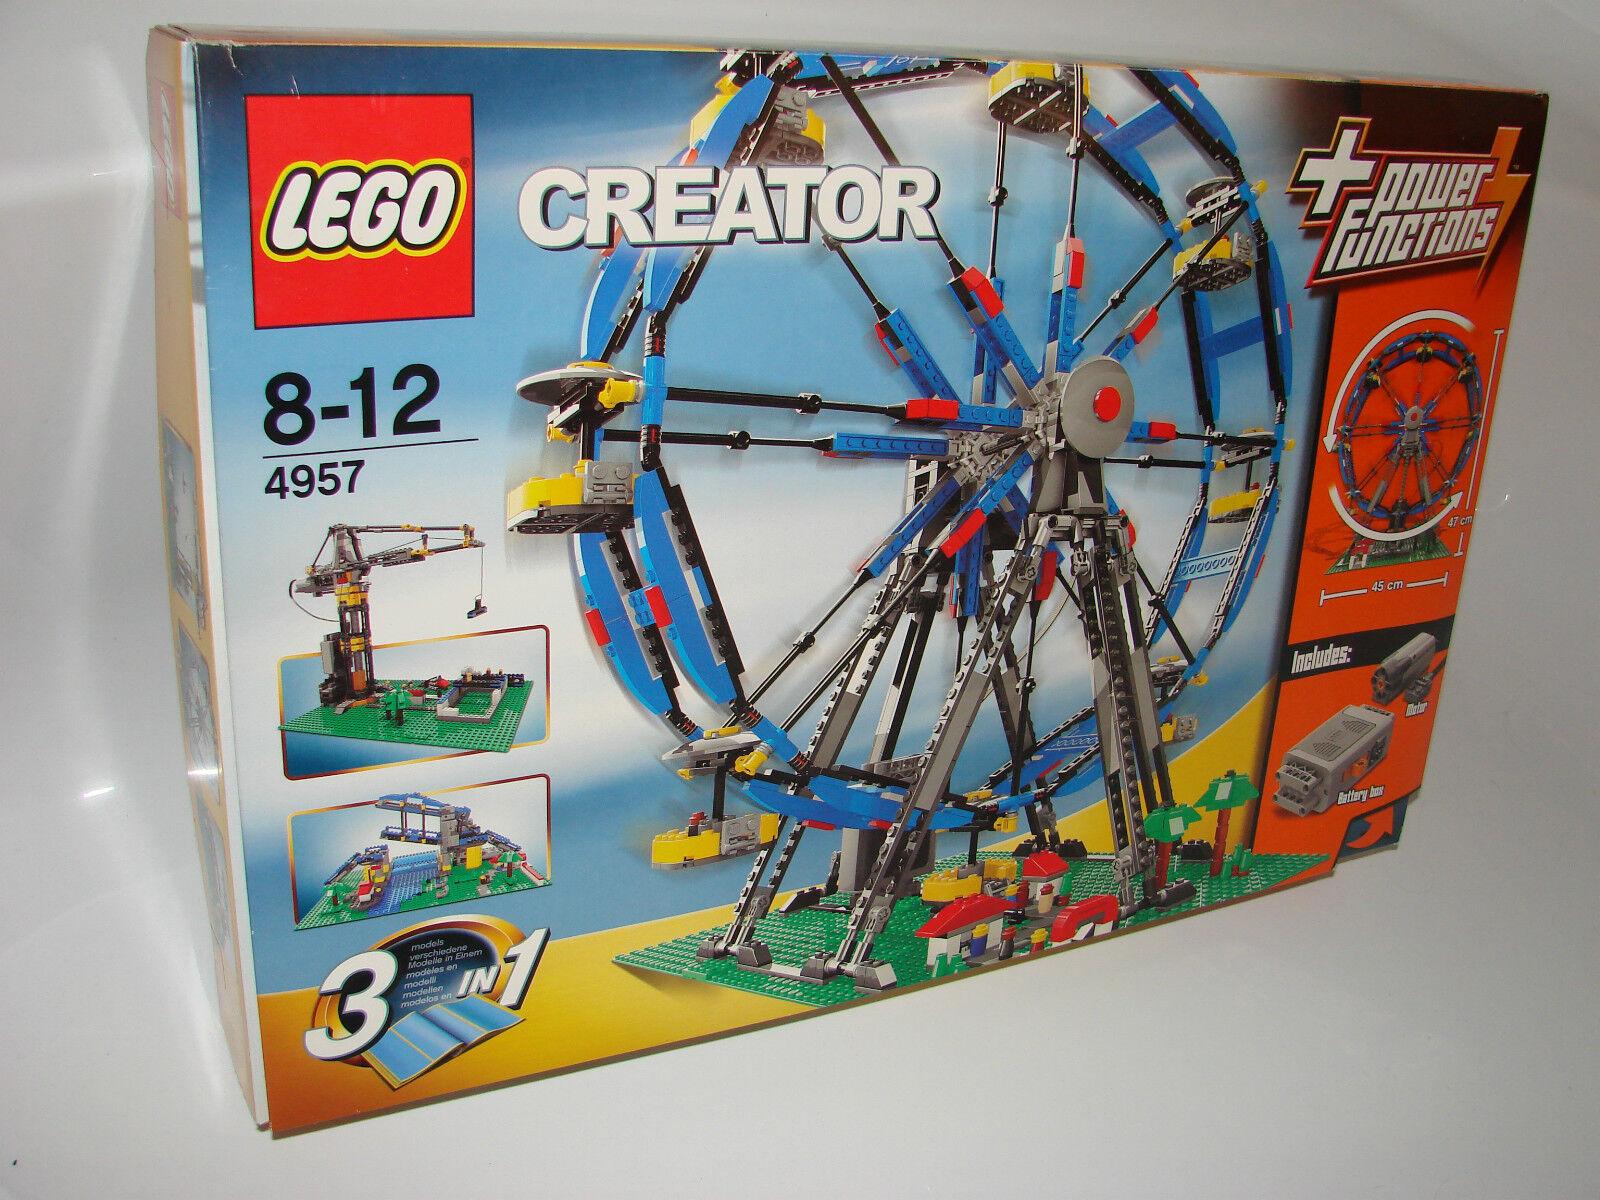 LEGO ® Creator 4957 grande roue NEUF neuf dans sa boîte _ Ferris Wheel NEW En parfait état, dans sa boîte scellée Boîte d'origine jamais ouverte